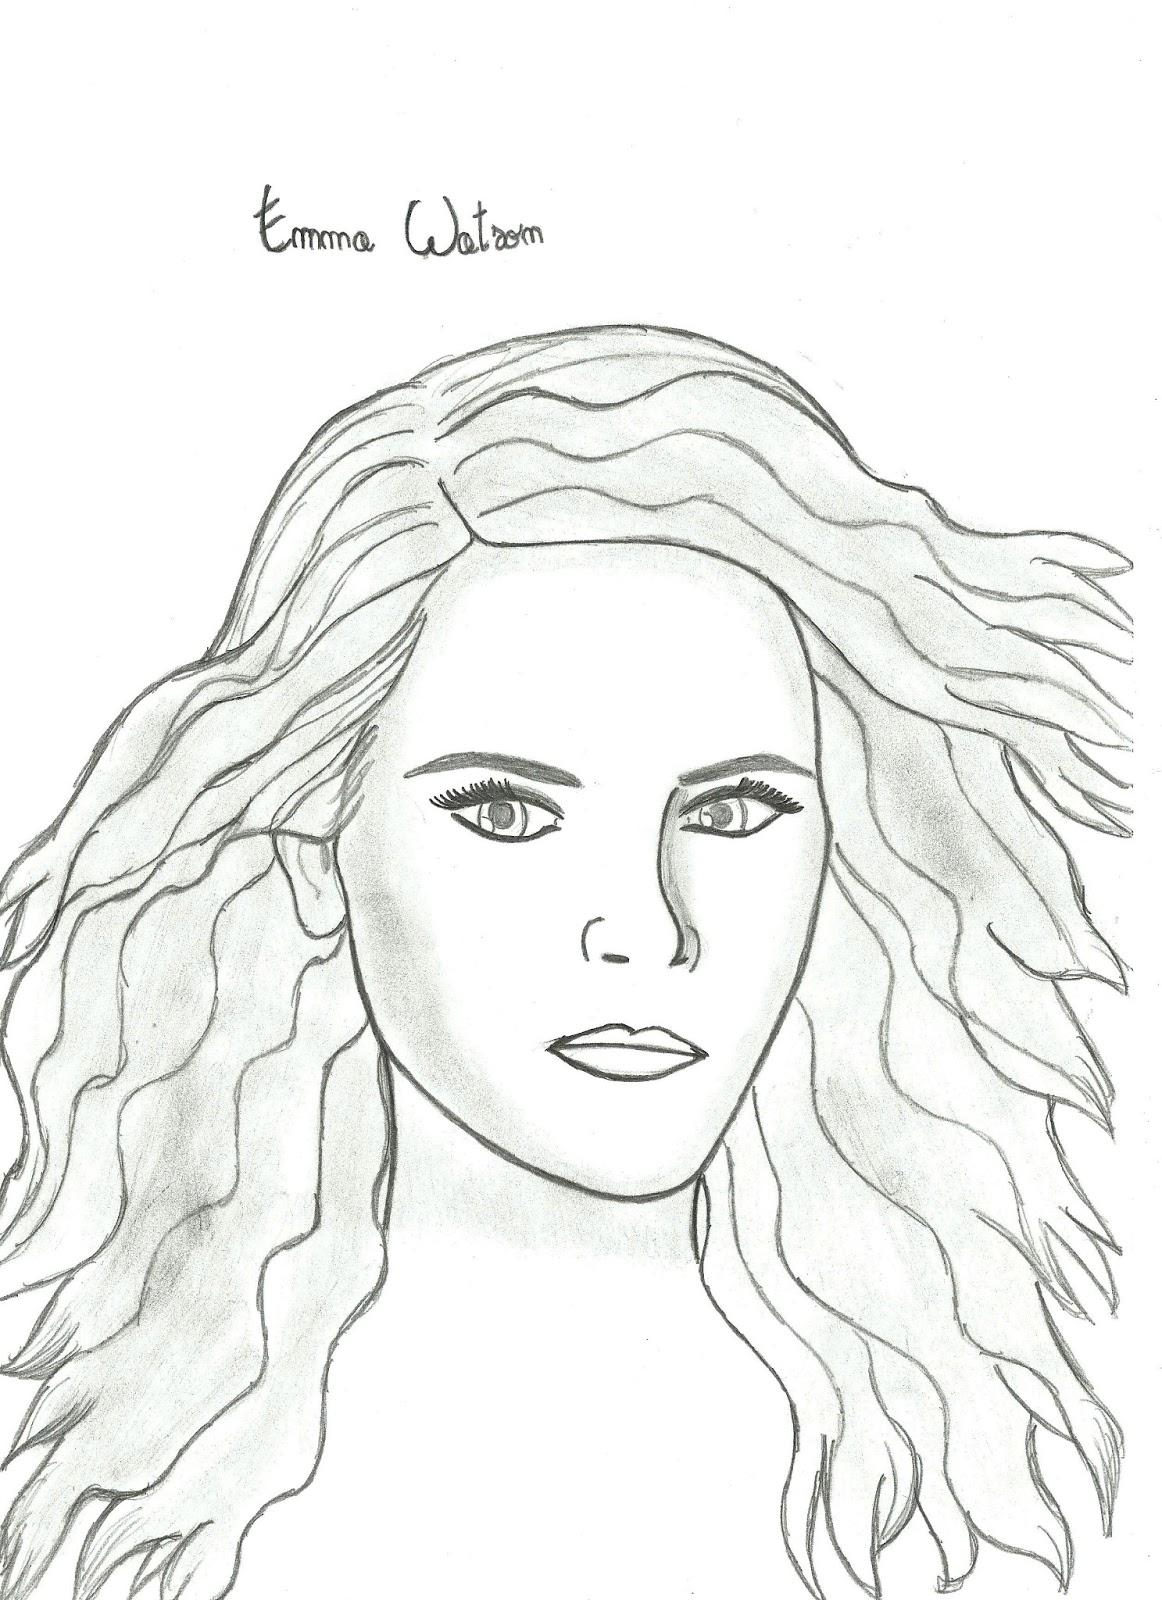 Yo-Drawing: Emma Watson